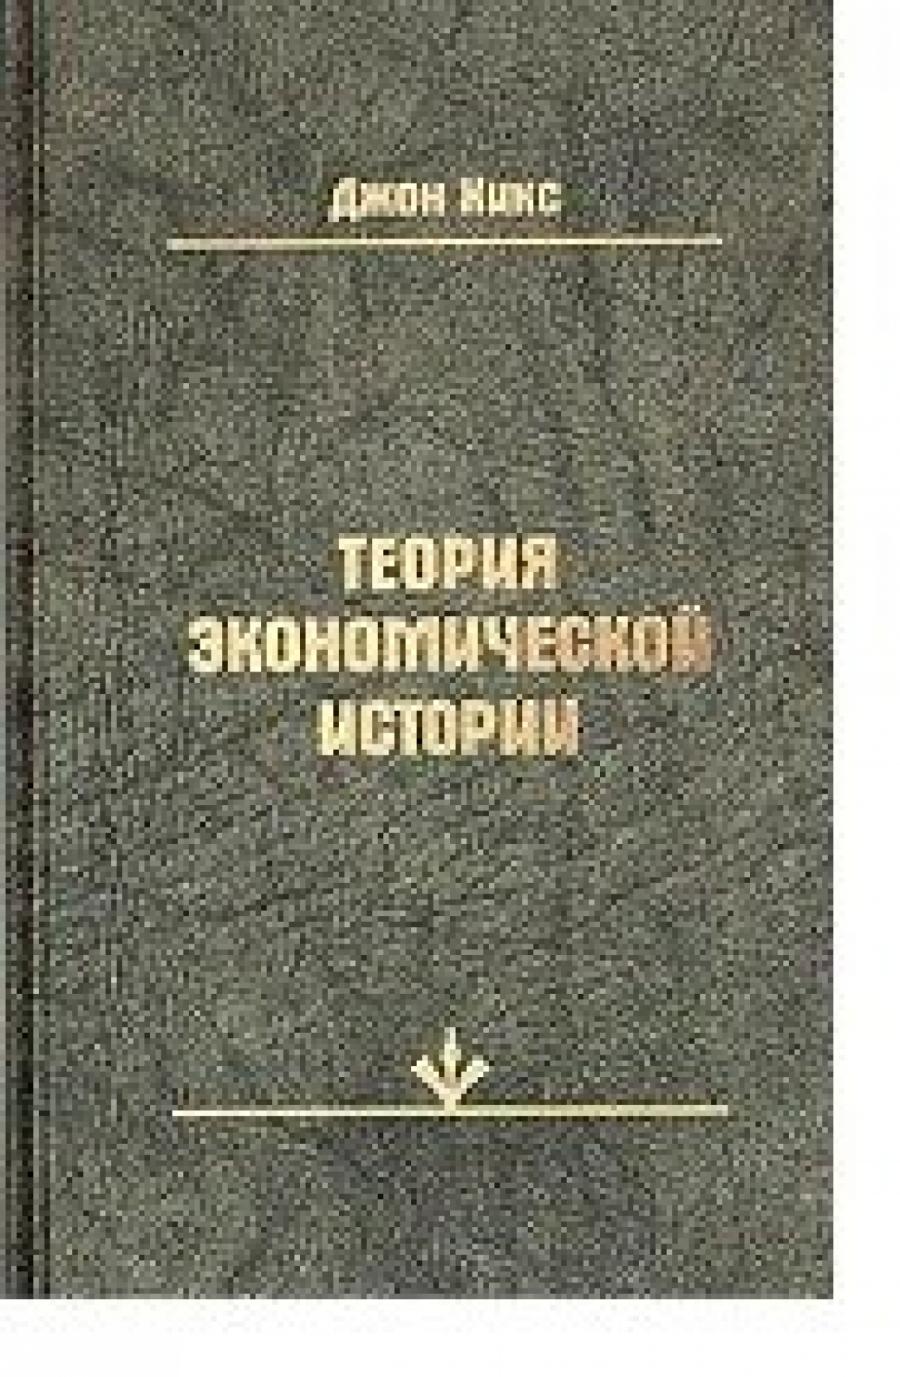 Обложка книги:  хикс дж. - теория экономической истории